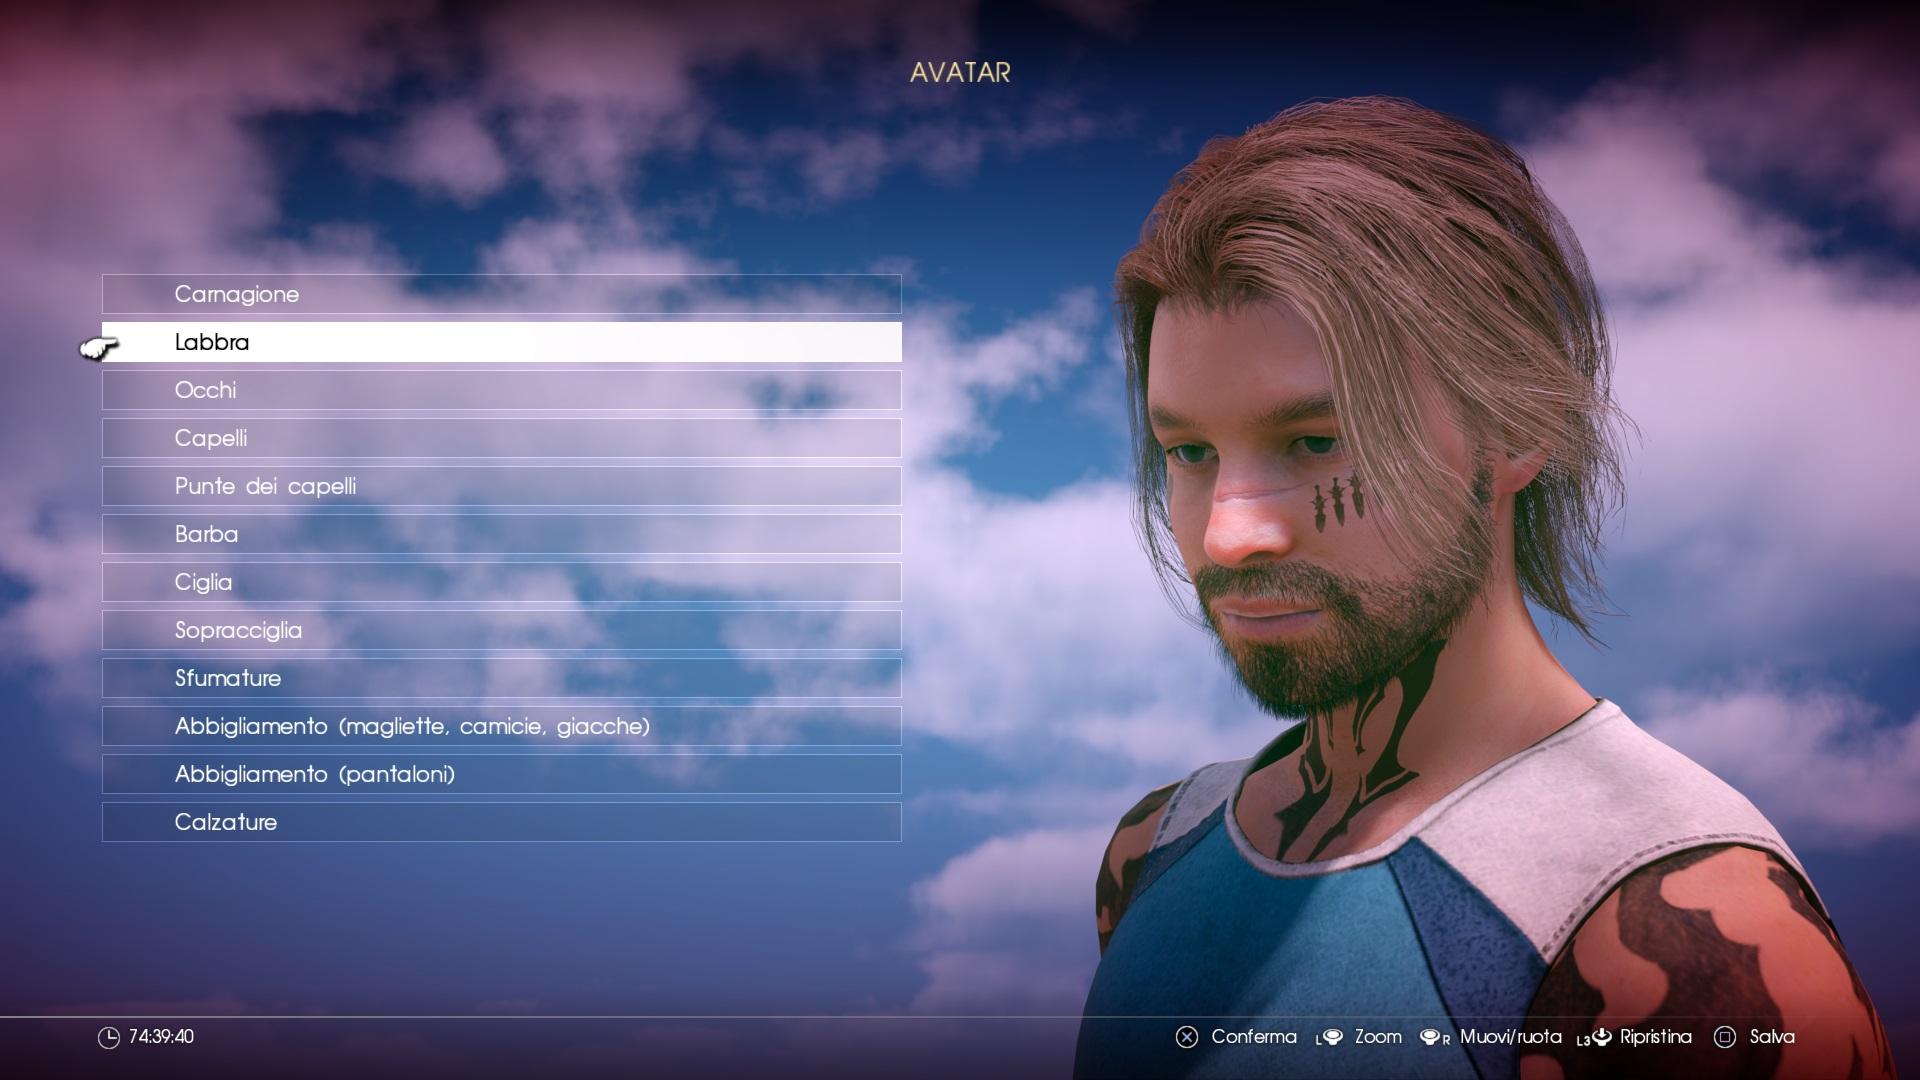 Nuovo aggiornamento per Final Fantasy XV: arriva la modalità online con Avatara, tesori e cristalli!